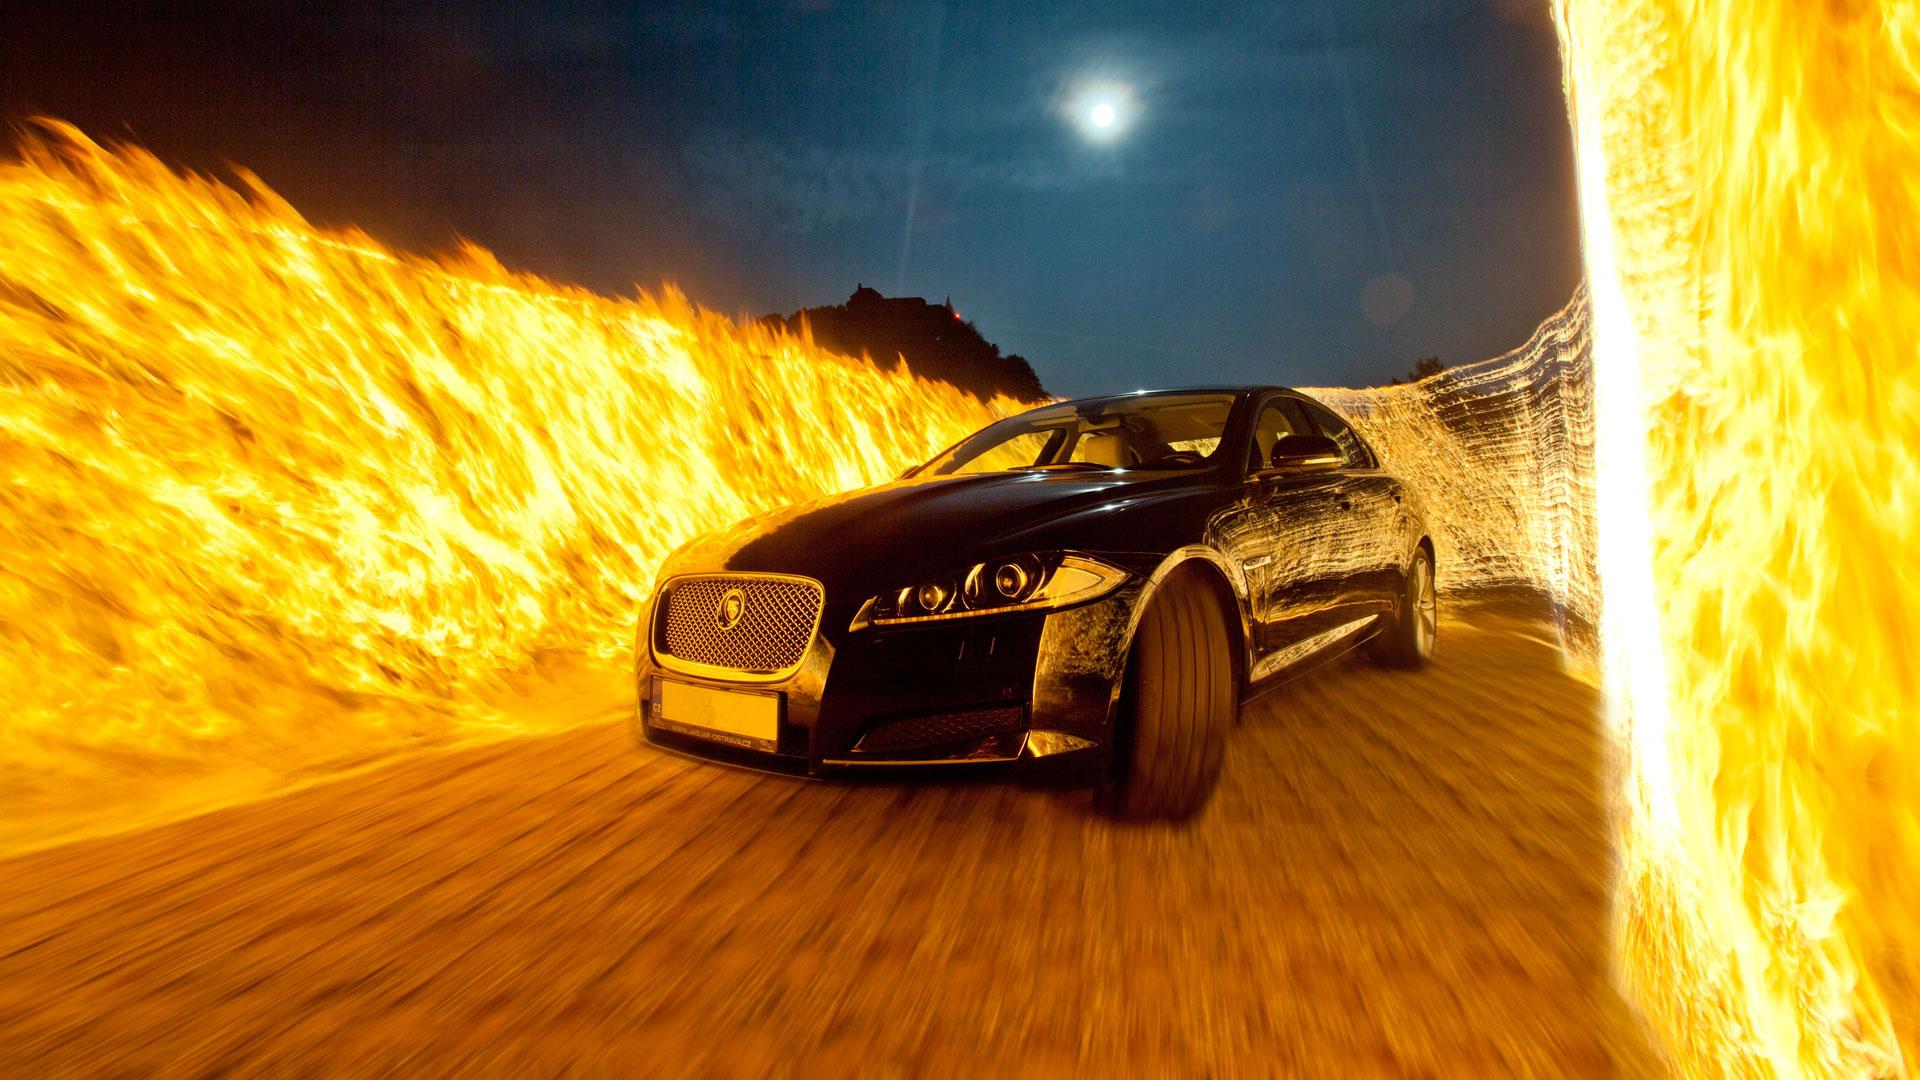 Jak fotit oheň